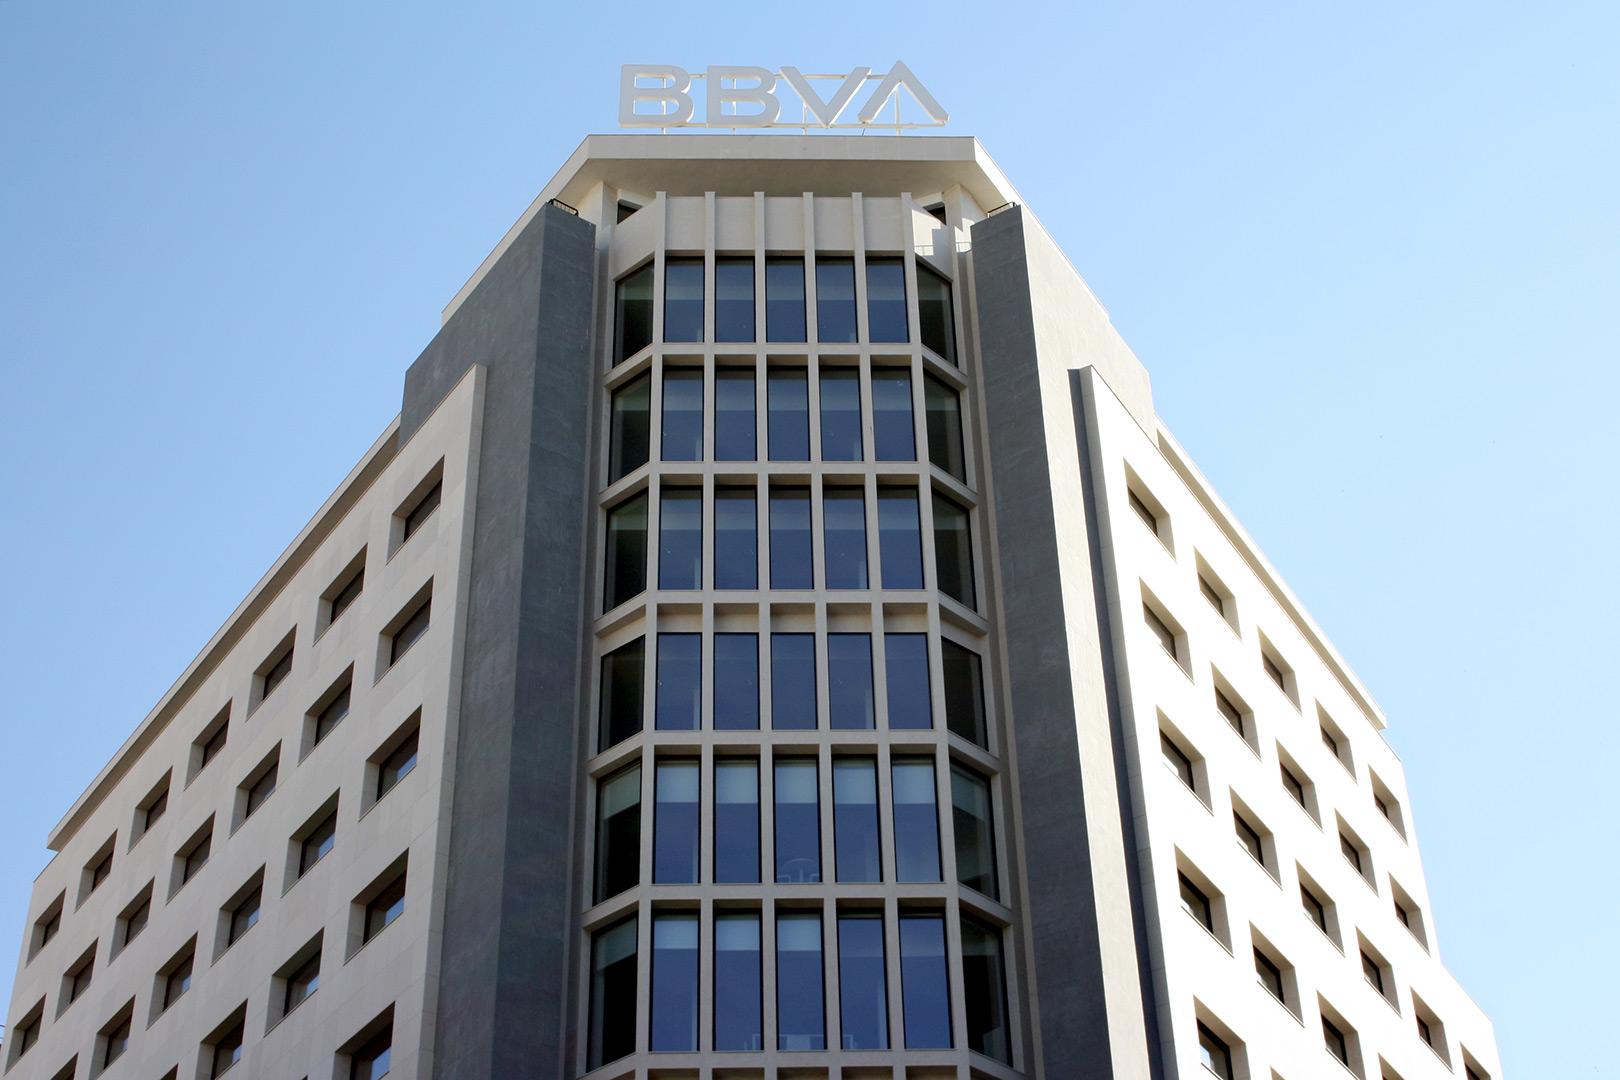 BBVA Offices